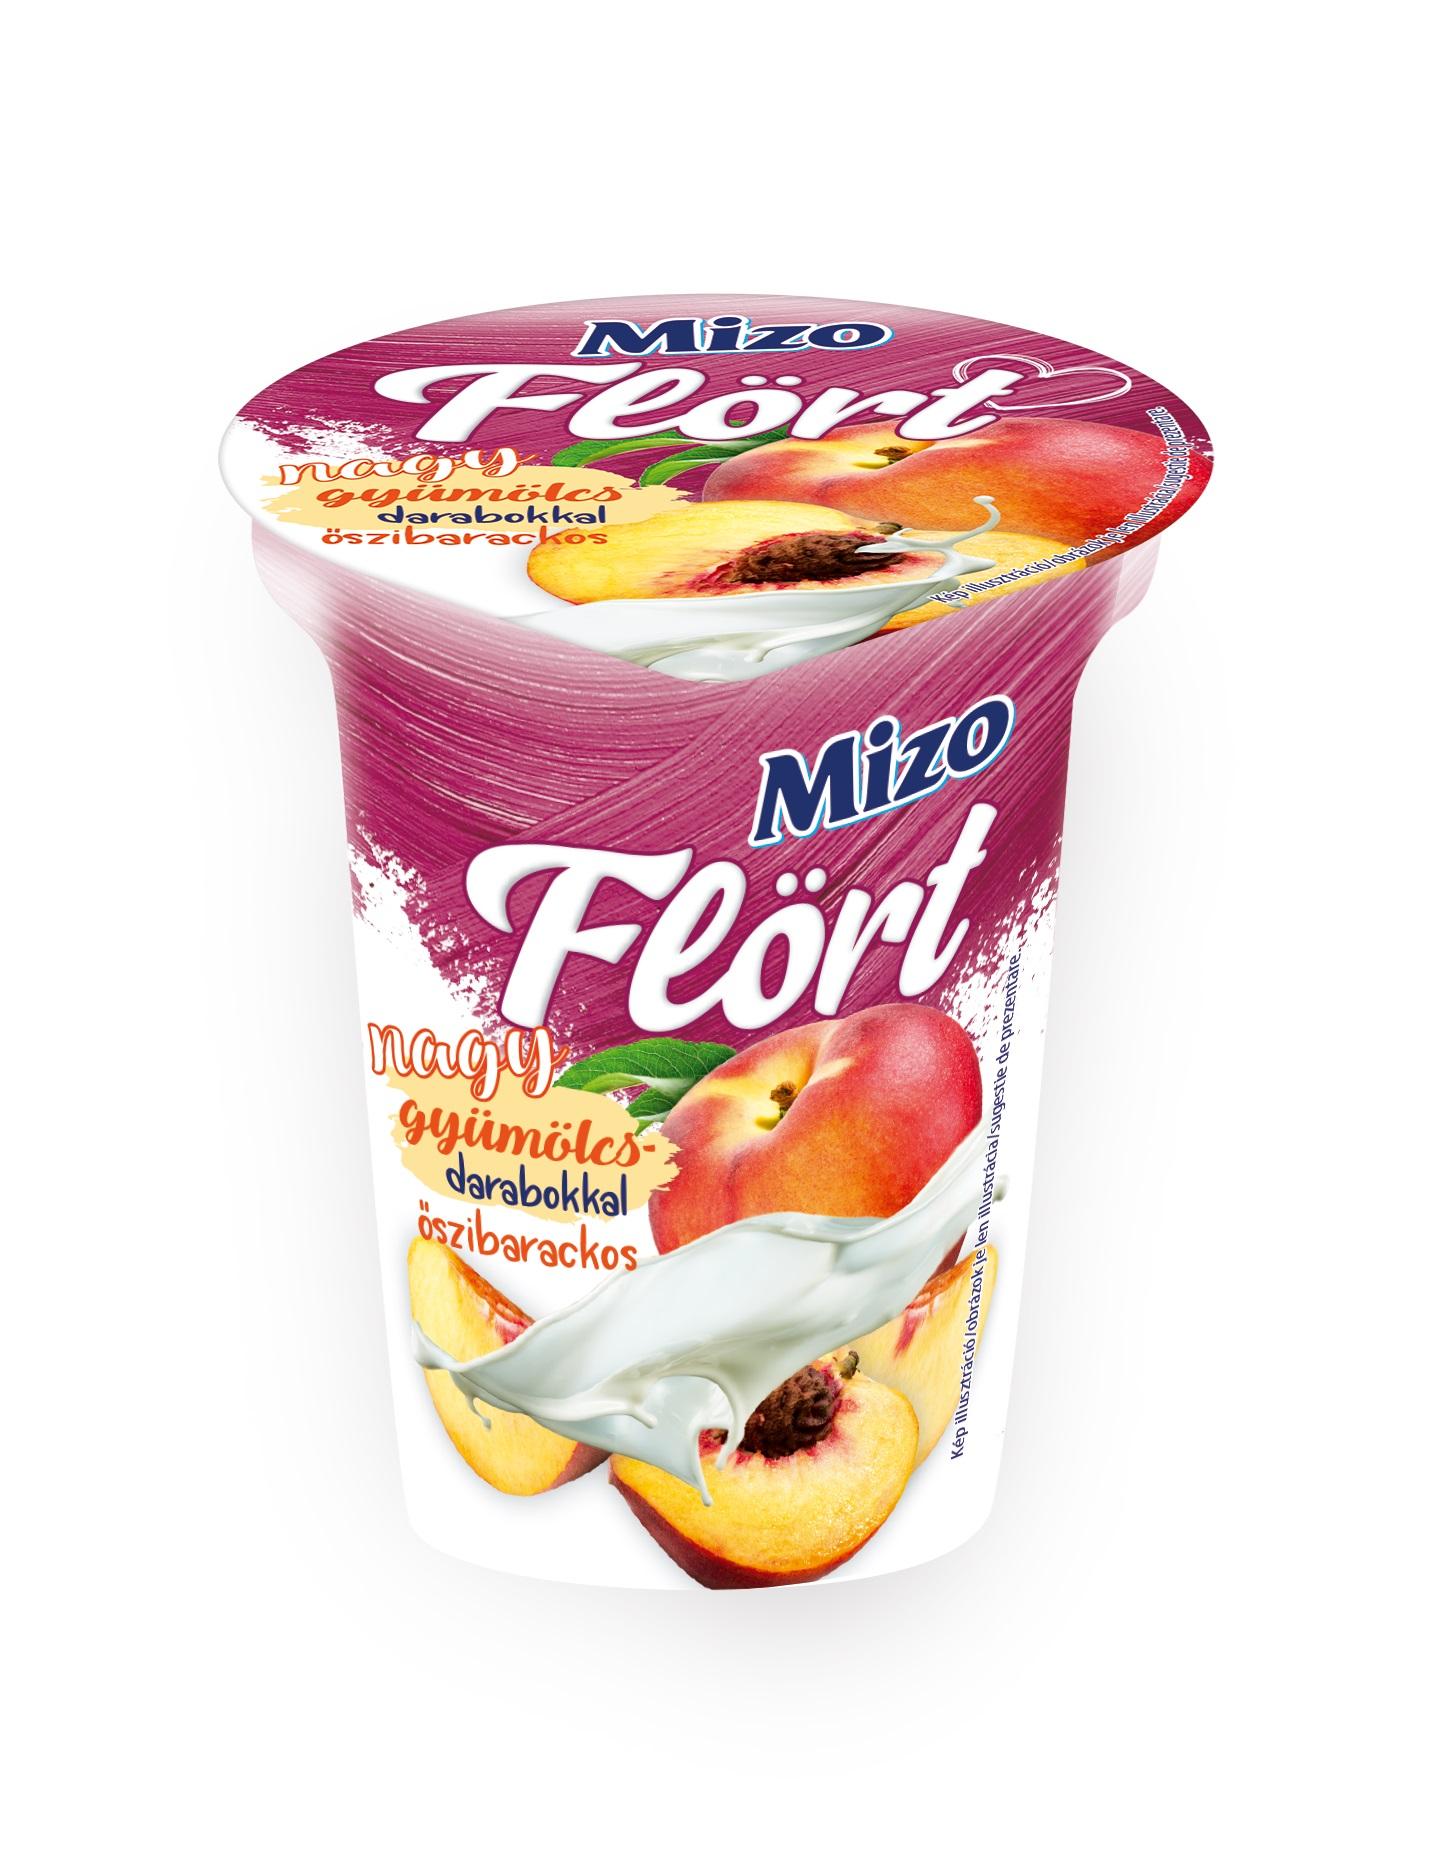 MIZO Flort nagy gyumolcsdarabos joghurtok 150g